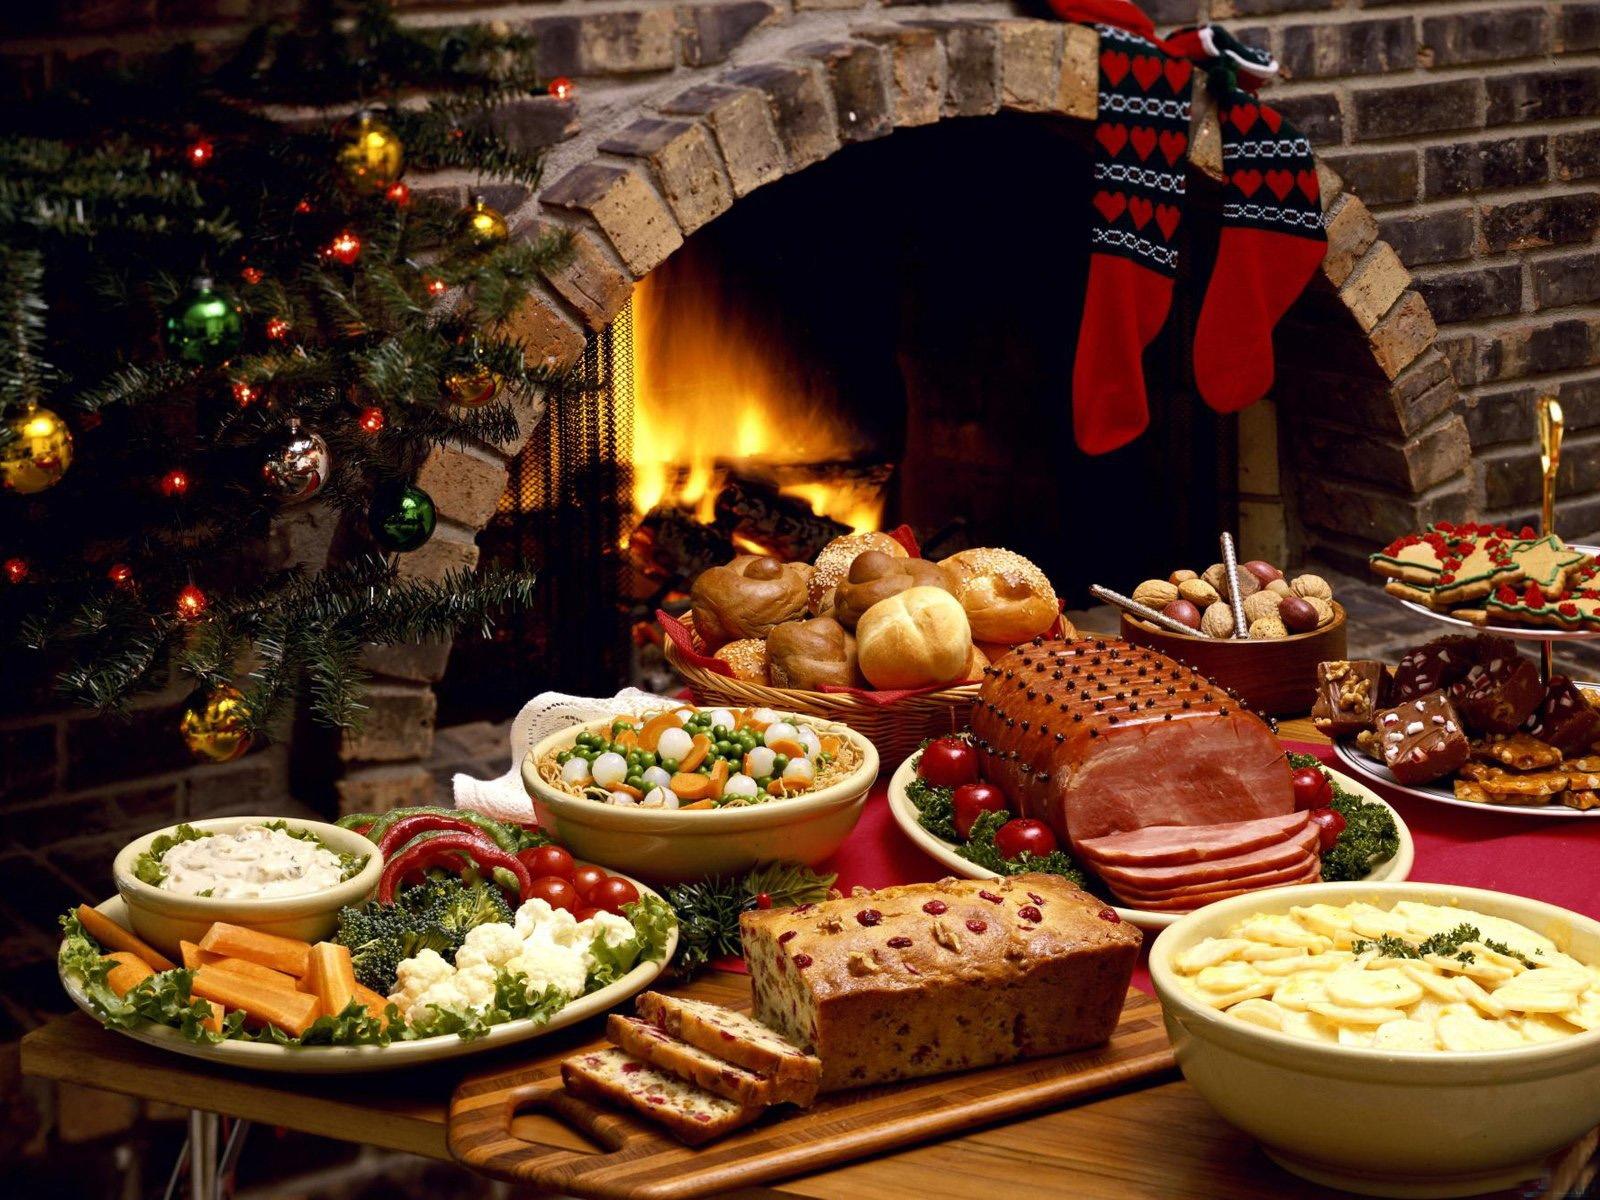 Pasti Di Natale.Sfondi Cibo Fuoco Camino Vacanza Pasto Cucina Buffet